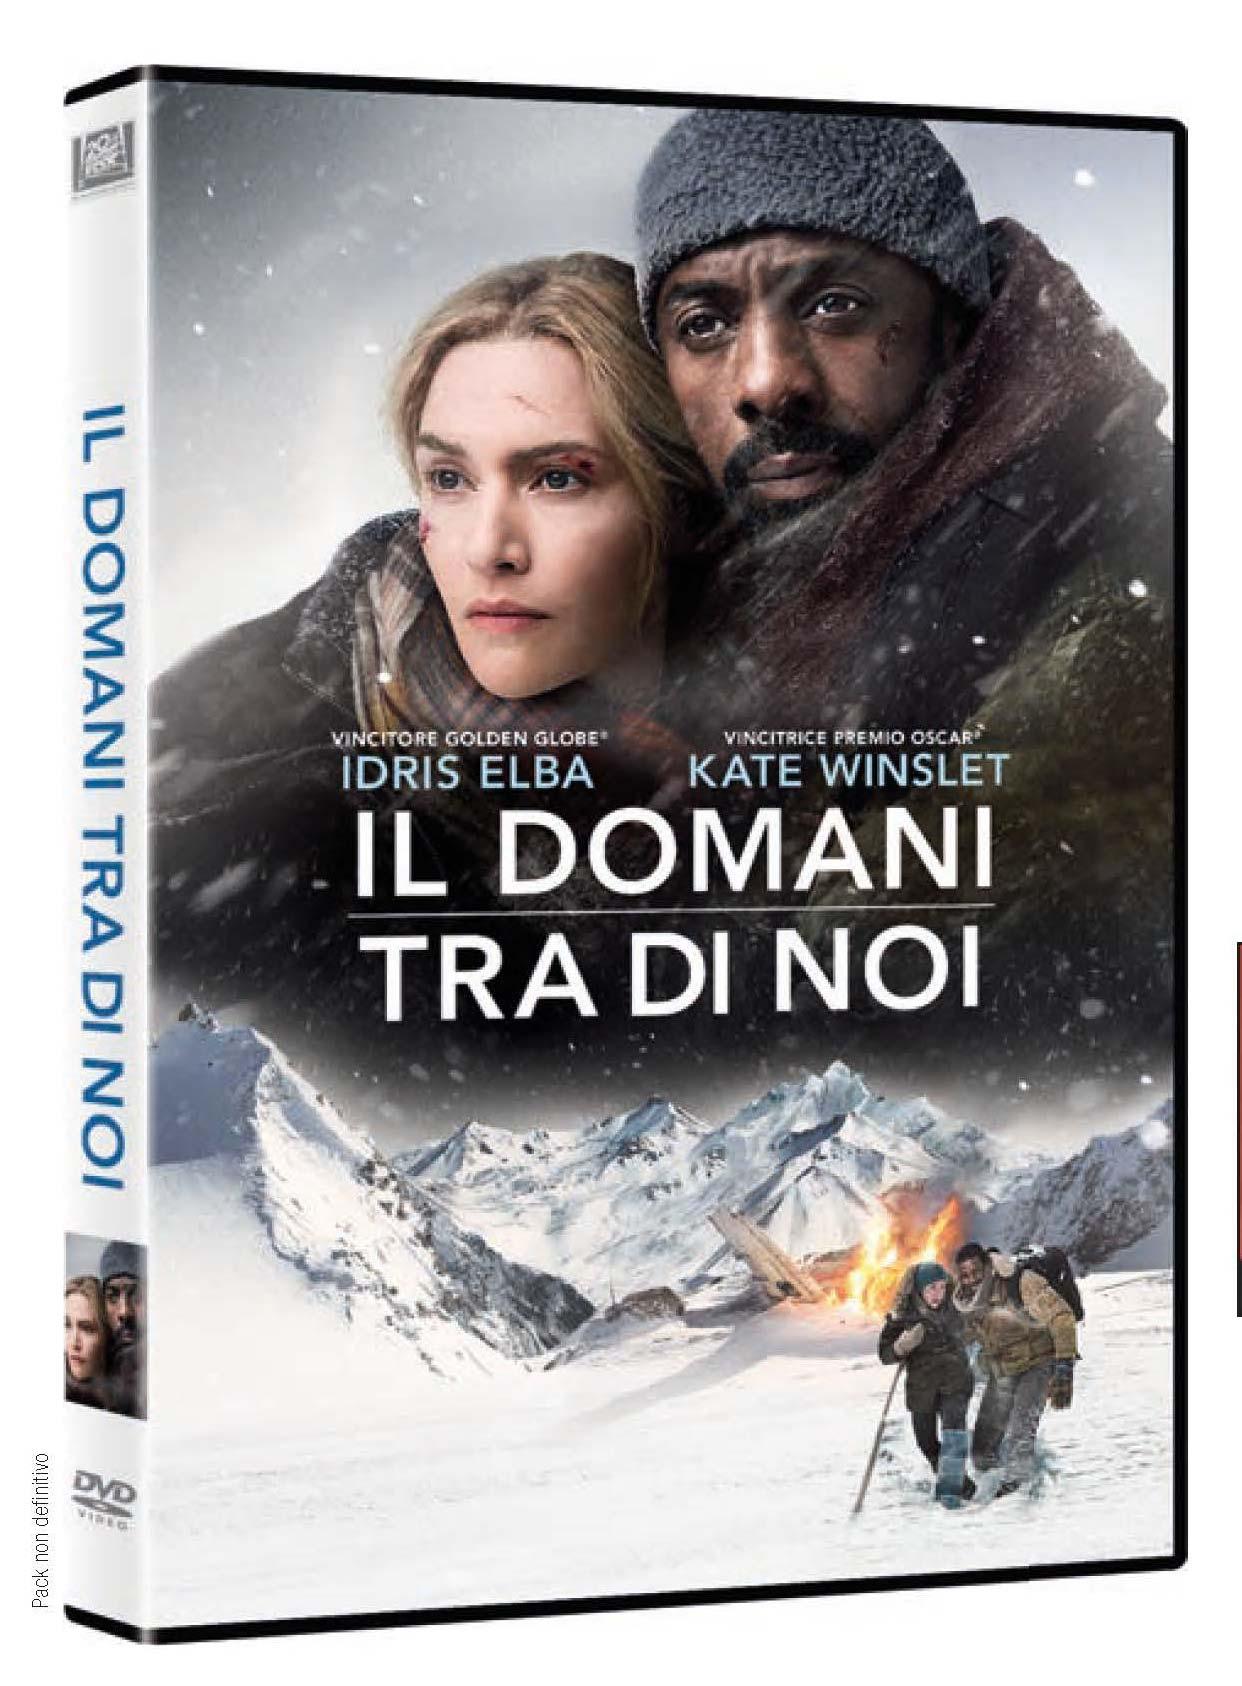 IL DOMANI TRA DI NOI (DVD)